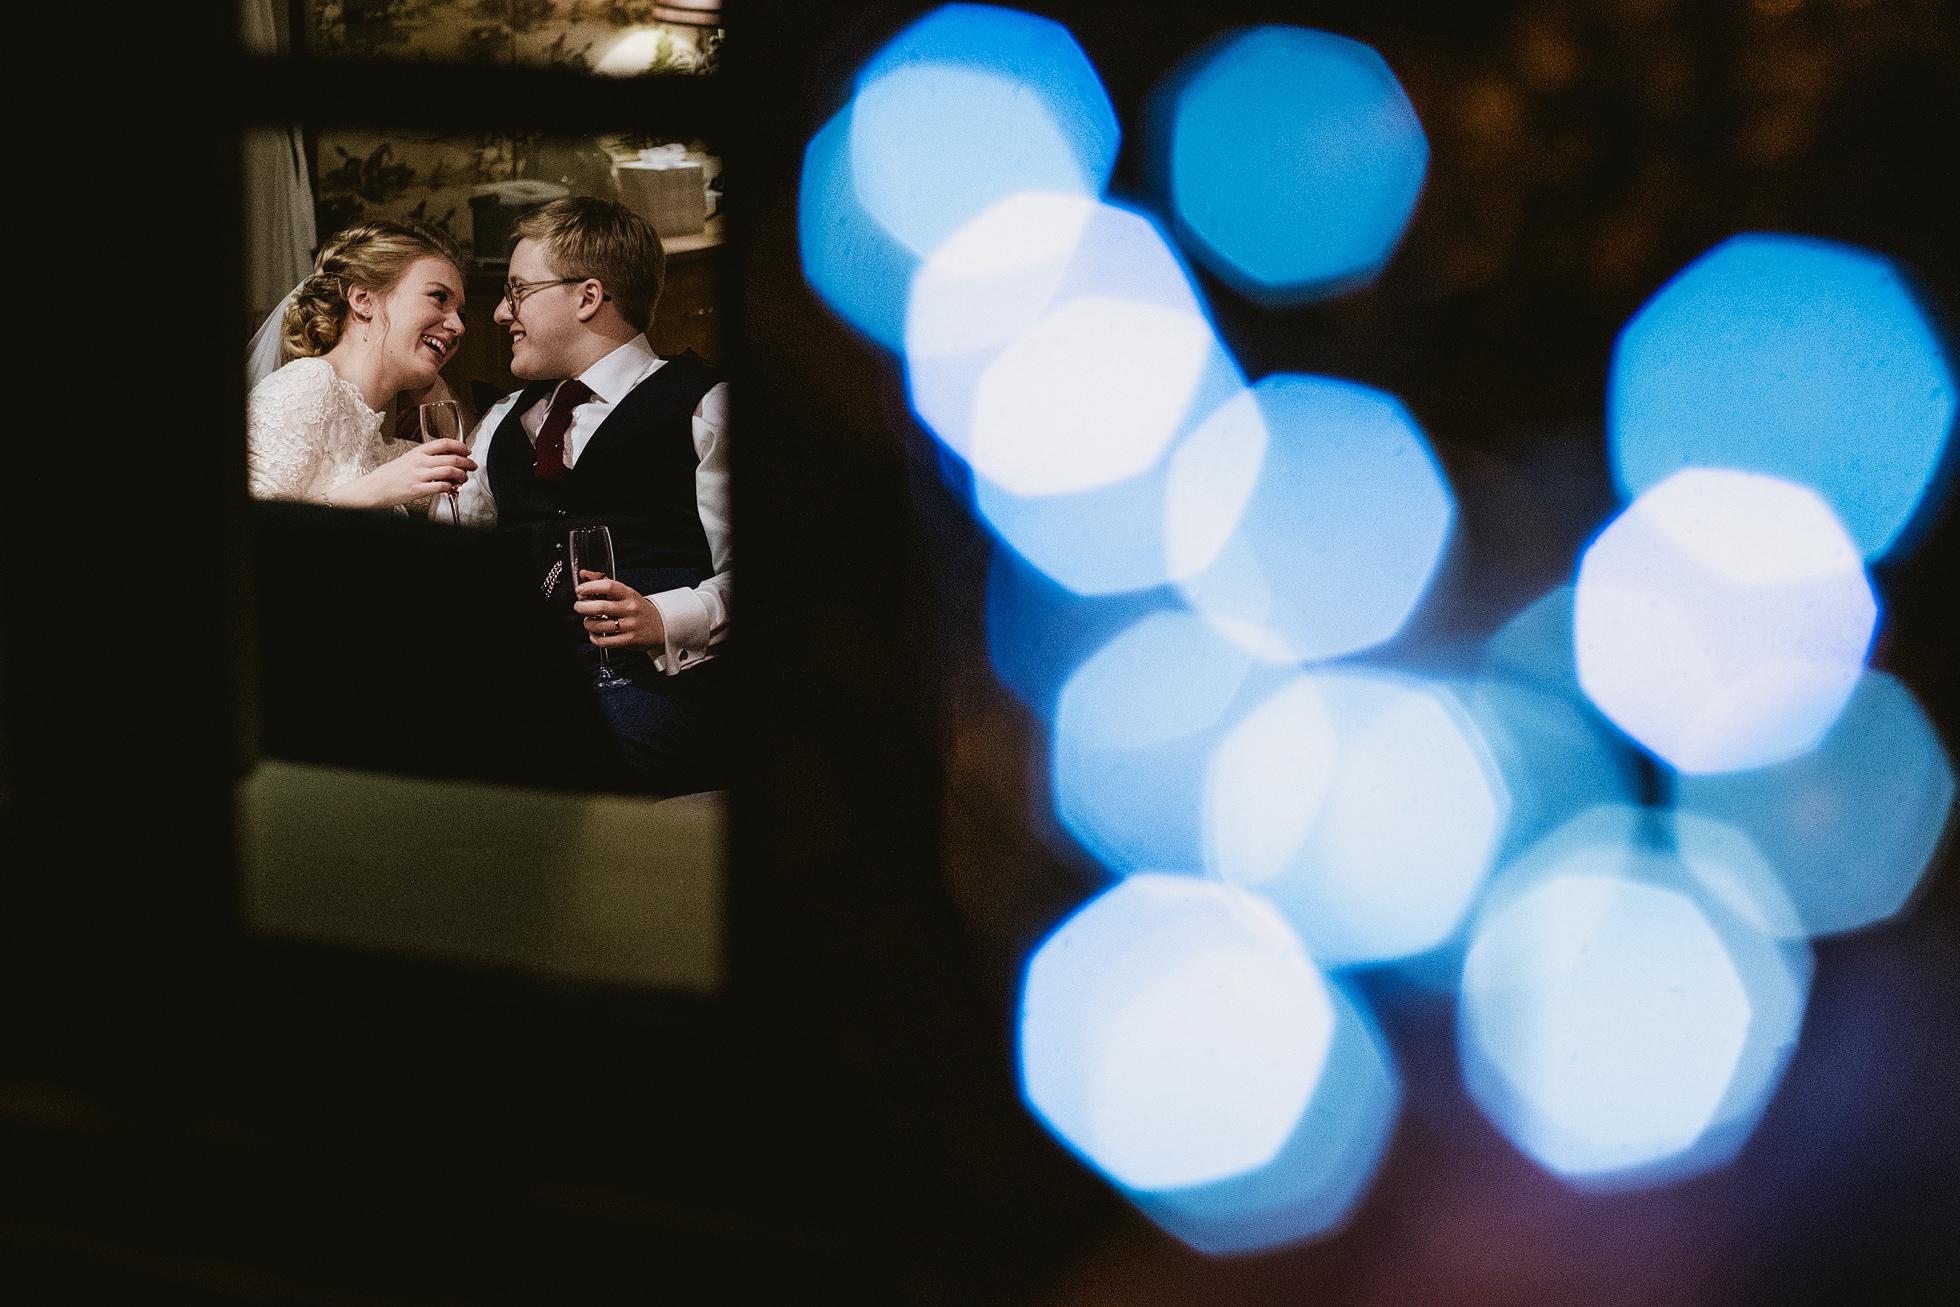 The Star Inn Wedding Photographer